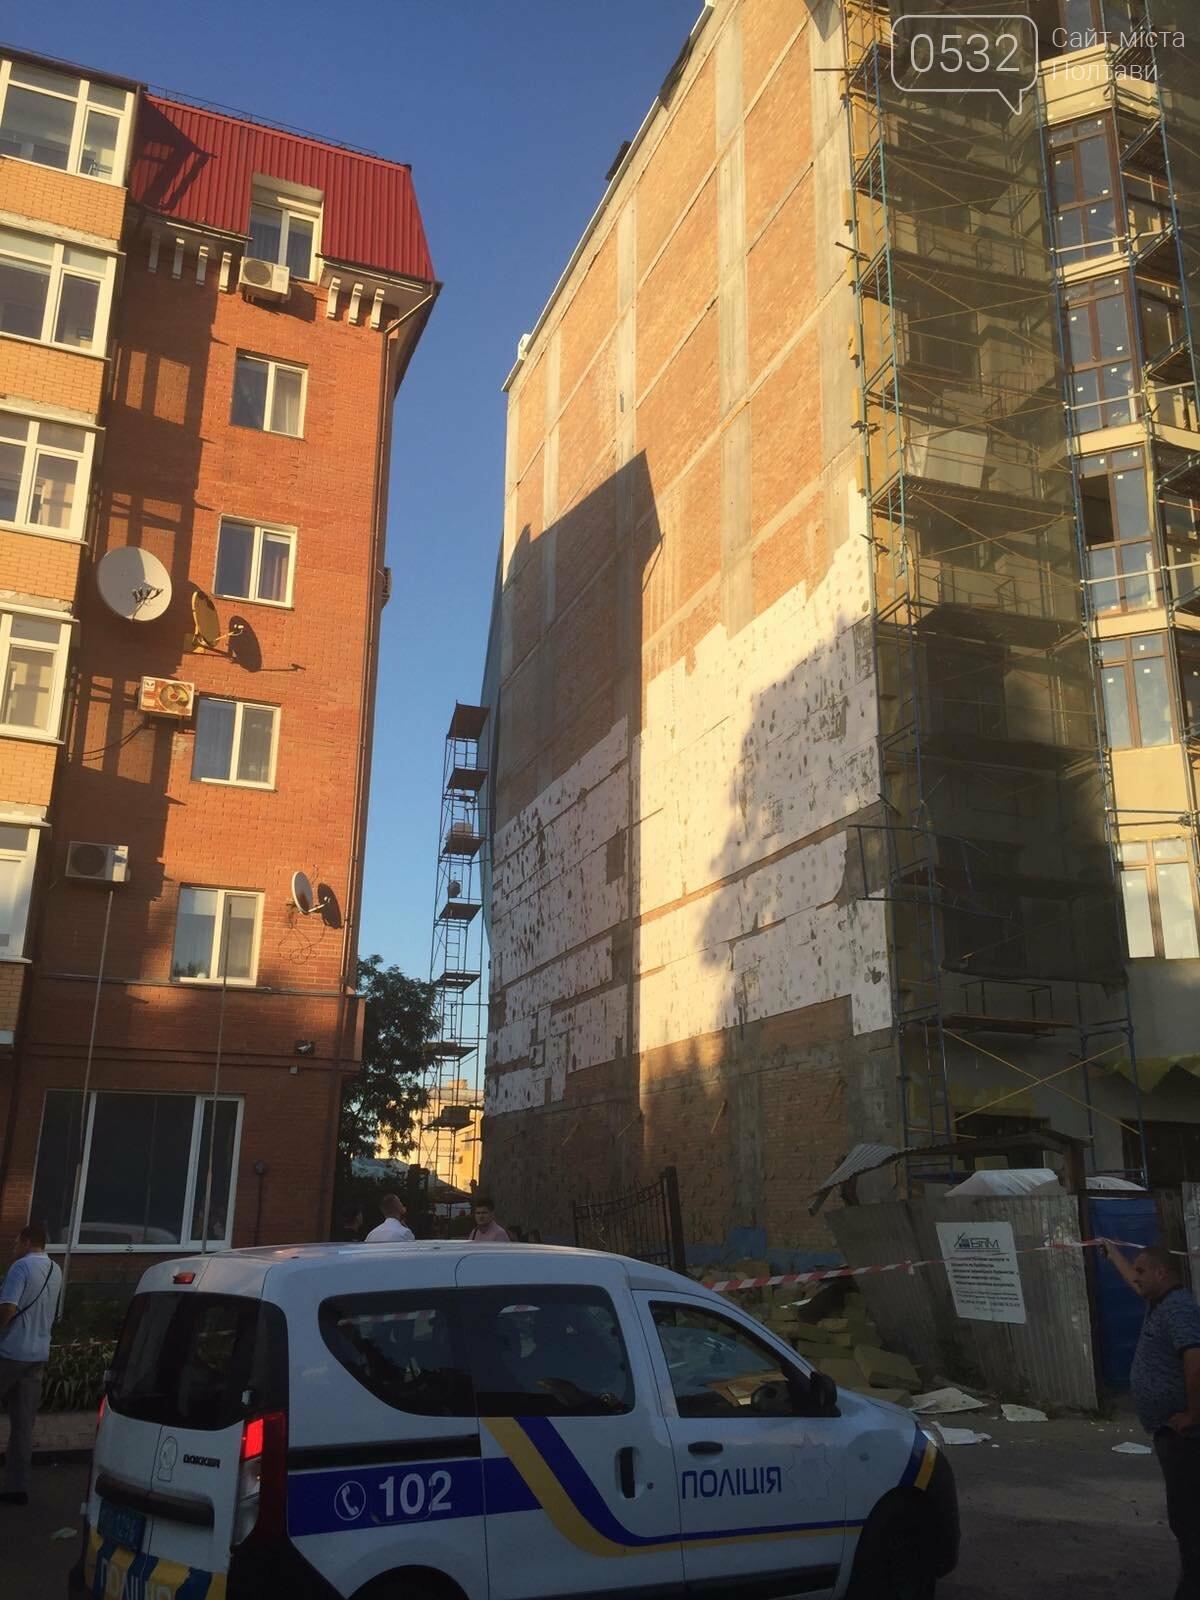 У Полтаві біля будівництва впали риштування із людьми, фото-1